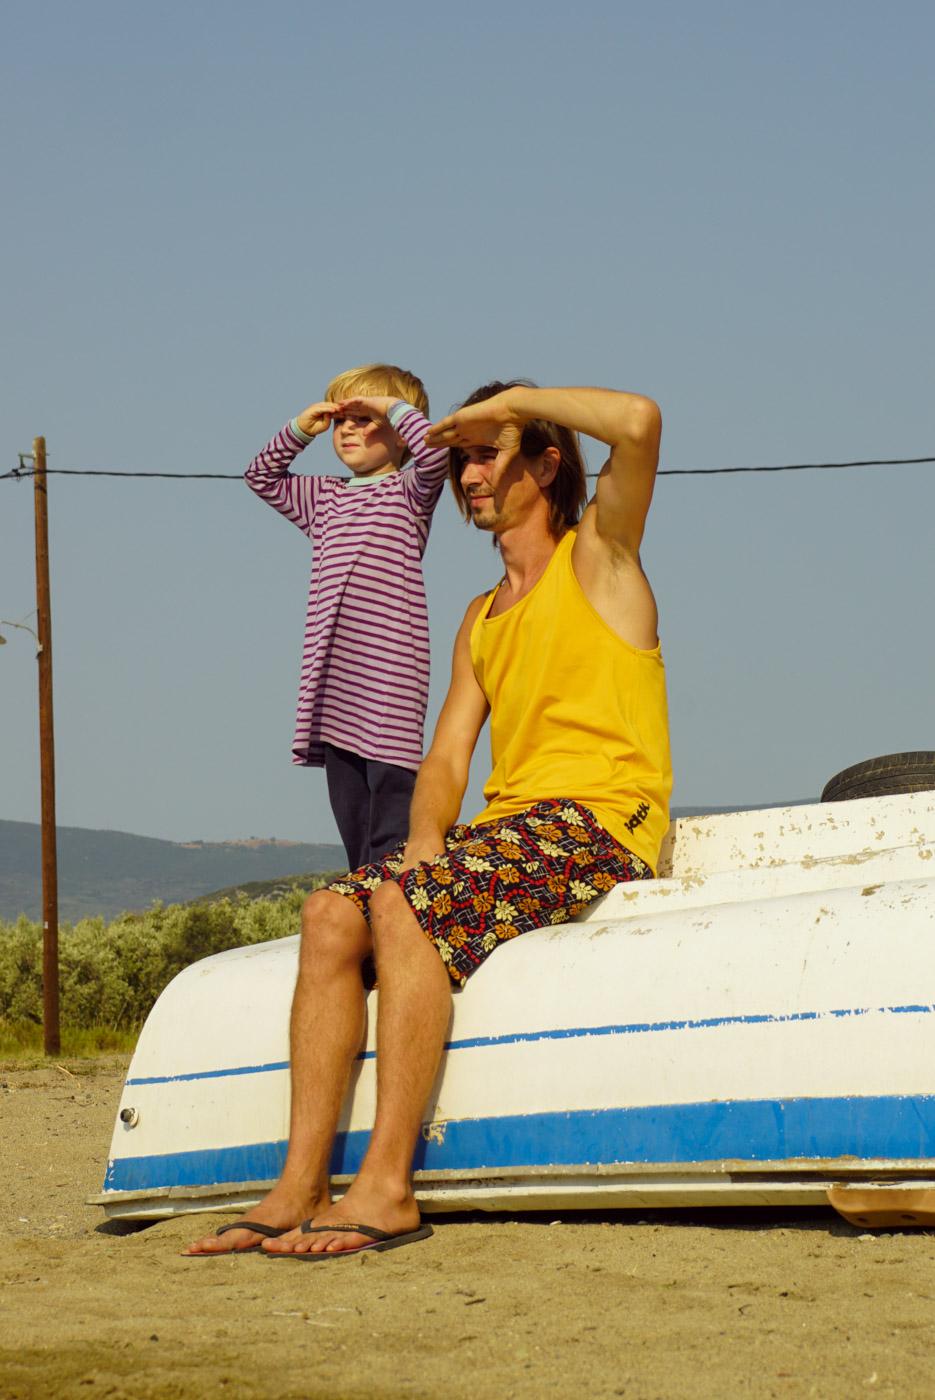 Luk steht auf einem umgedrehten kleinen Ruderboot und Paul sitzt neben ihm. Beide bedecken sich die Augen vor der Sonne und blicken in die Ferne.